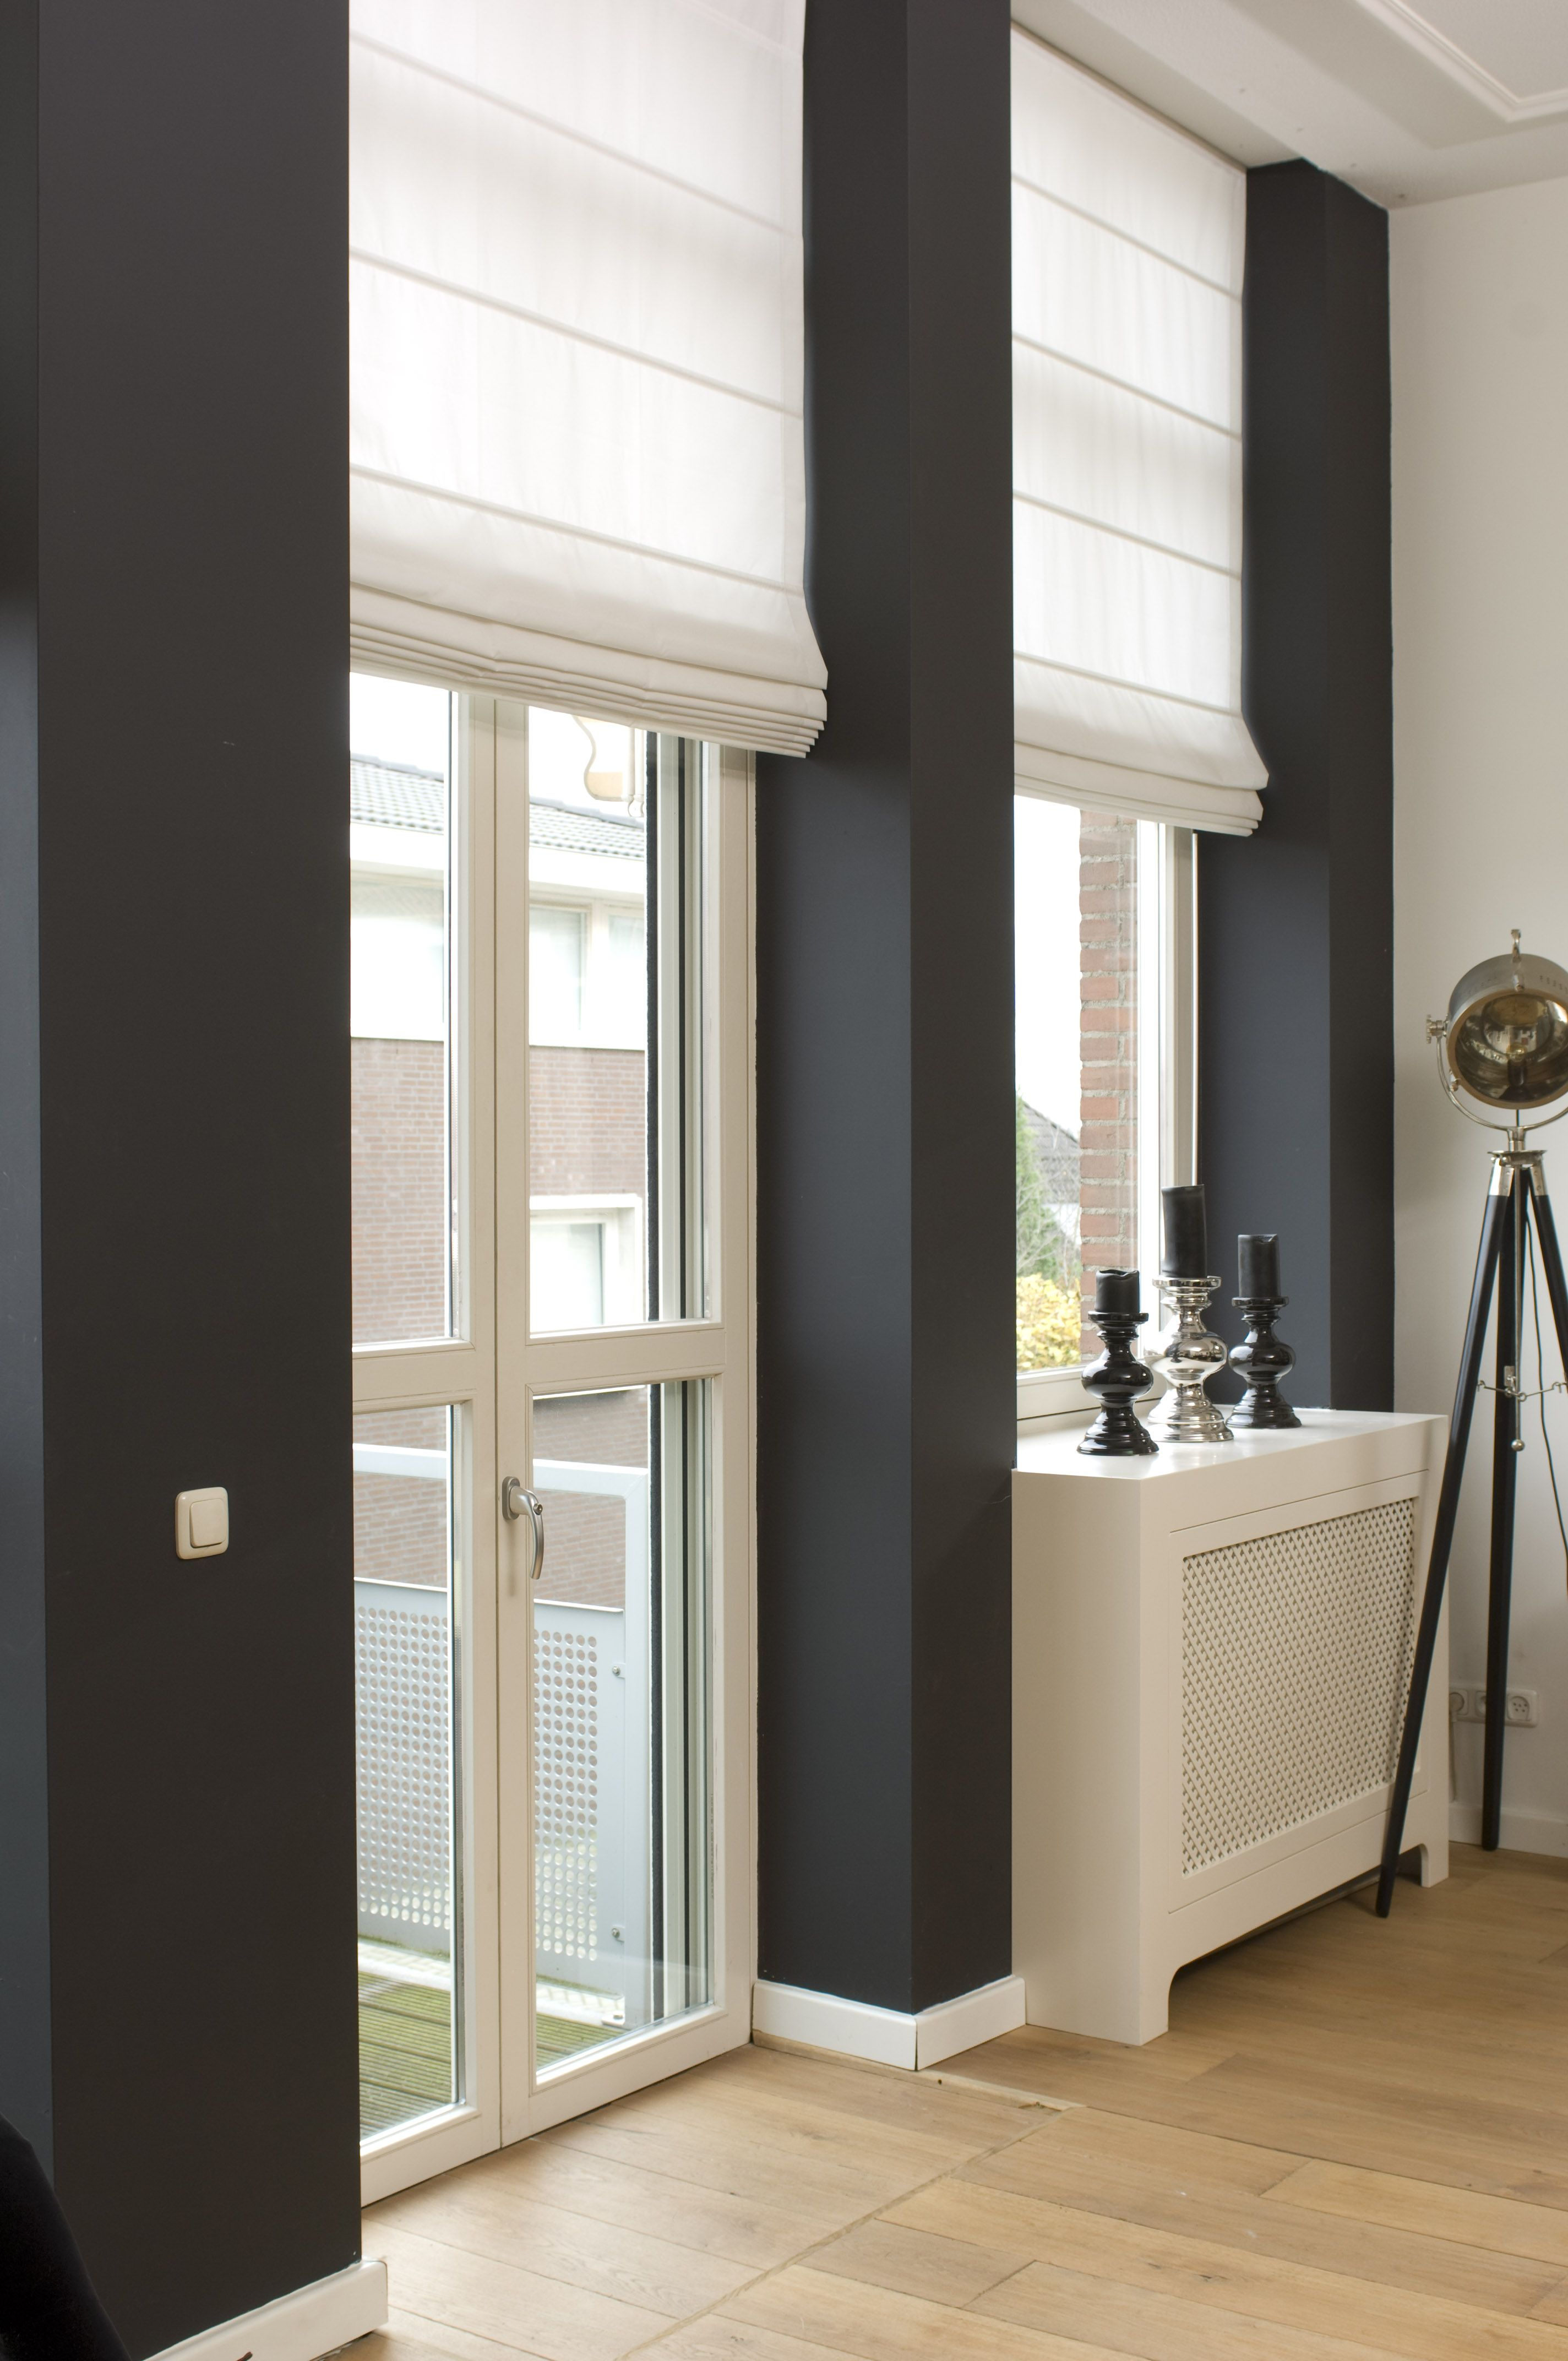 Roman Shades | Französische innentüren, Gardinen wohnzimmer ...